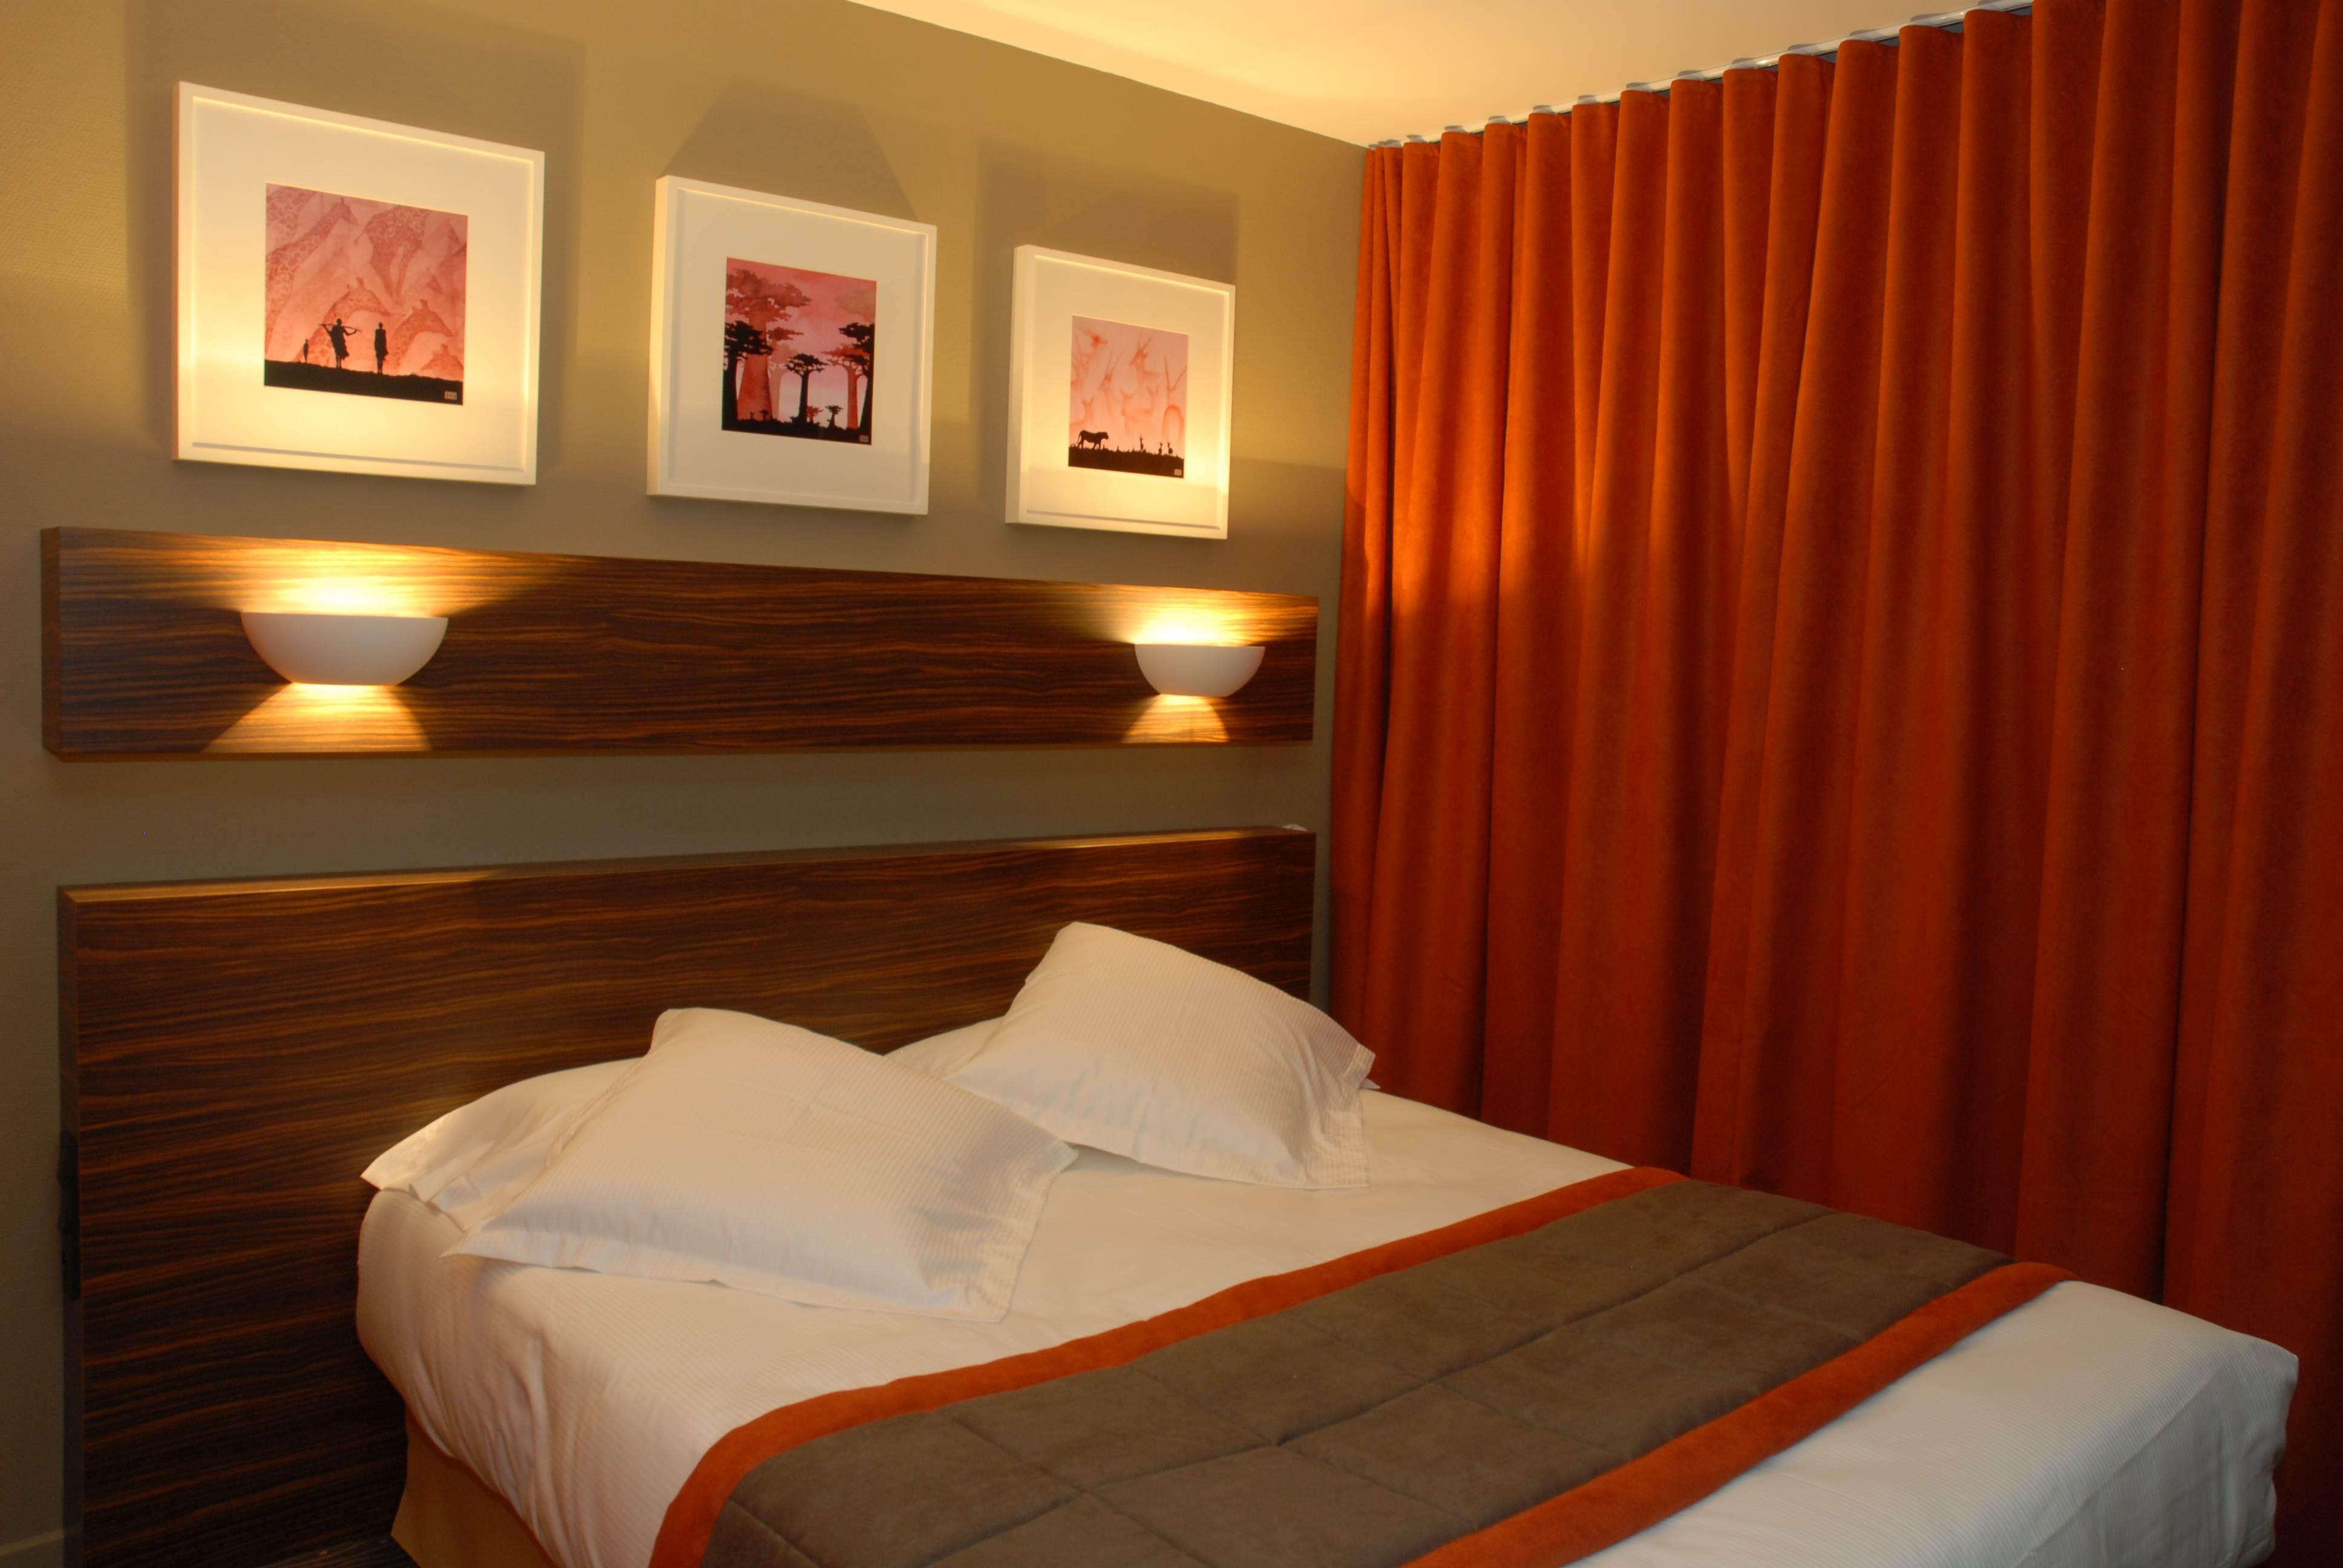 H tel nuit de retz spa port saint p re r server for Reservation nuit hotel